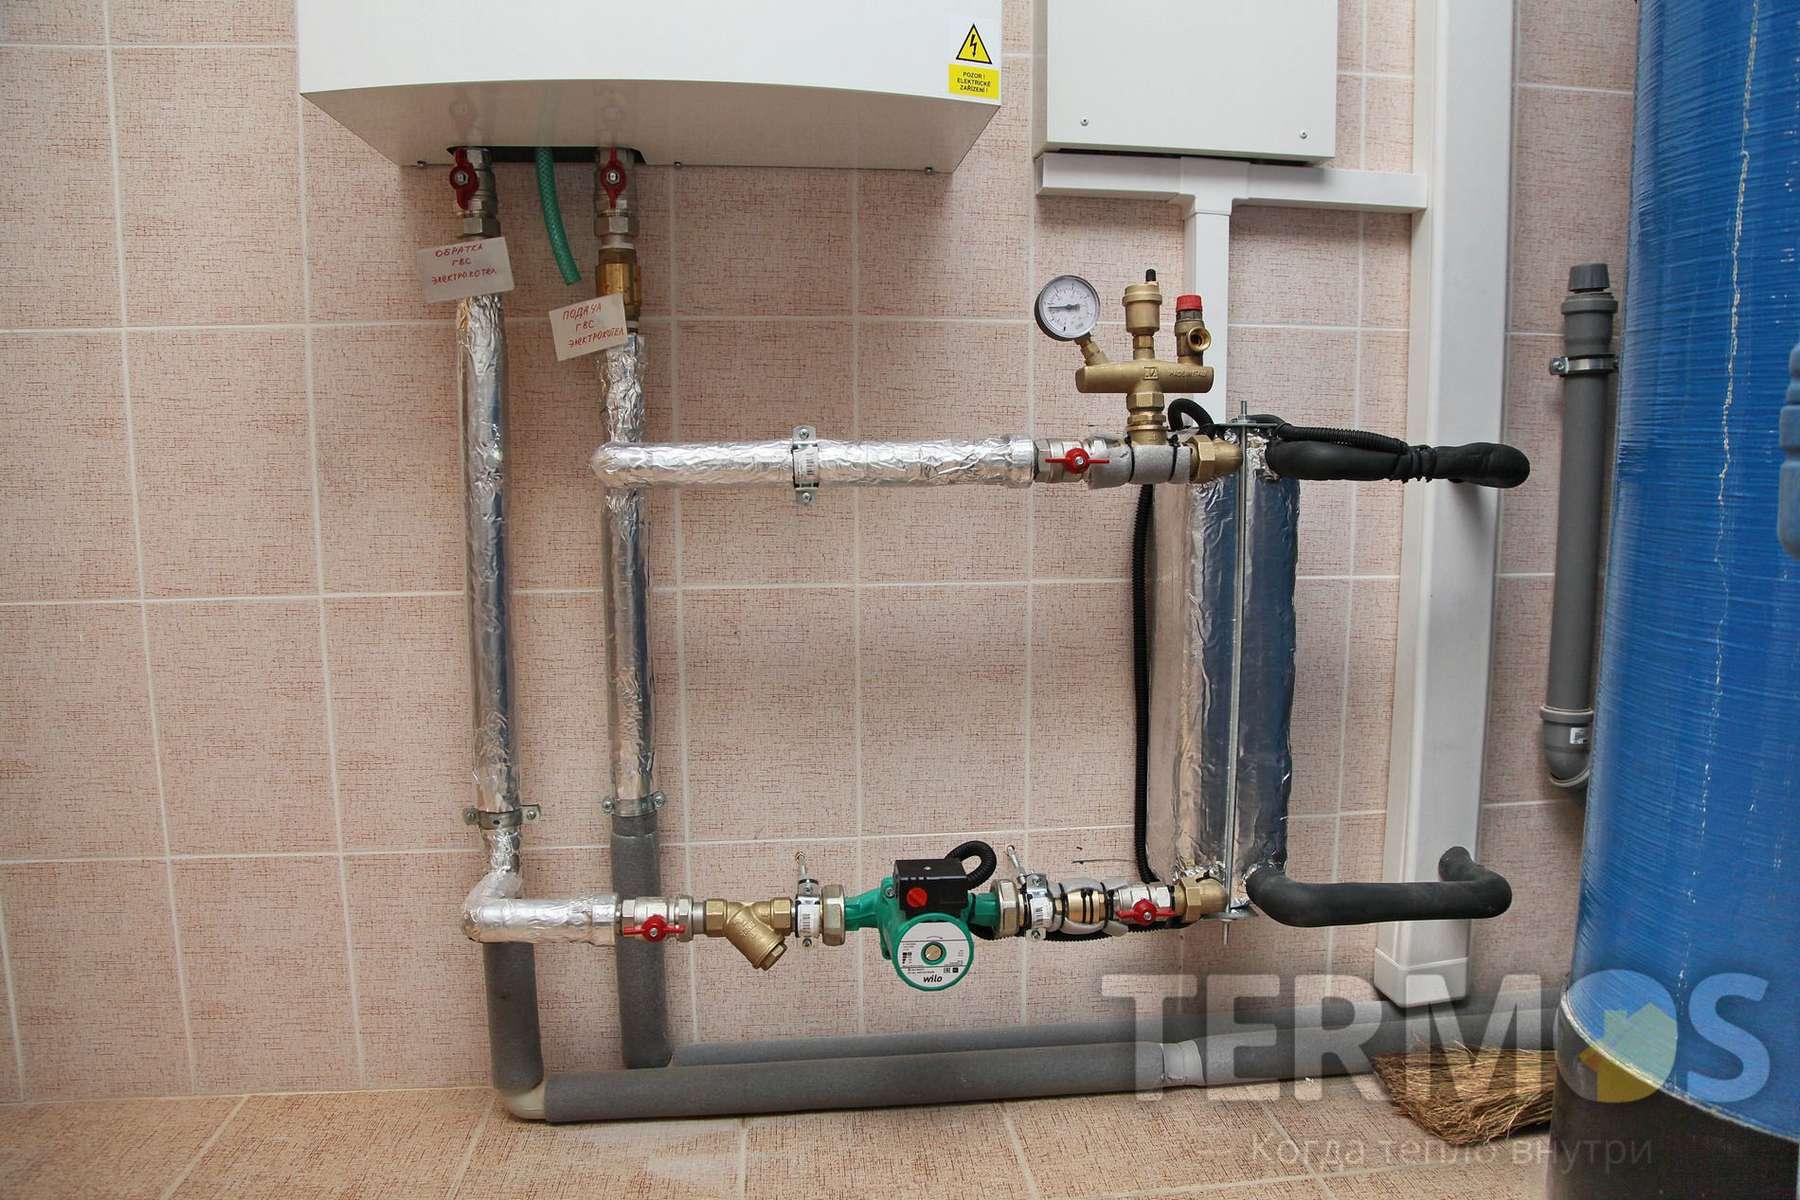 Наружный блок передает тепло в систему отопления через теплообменник фреон/вода